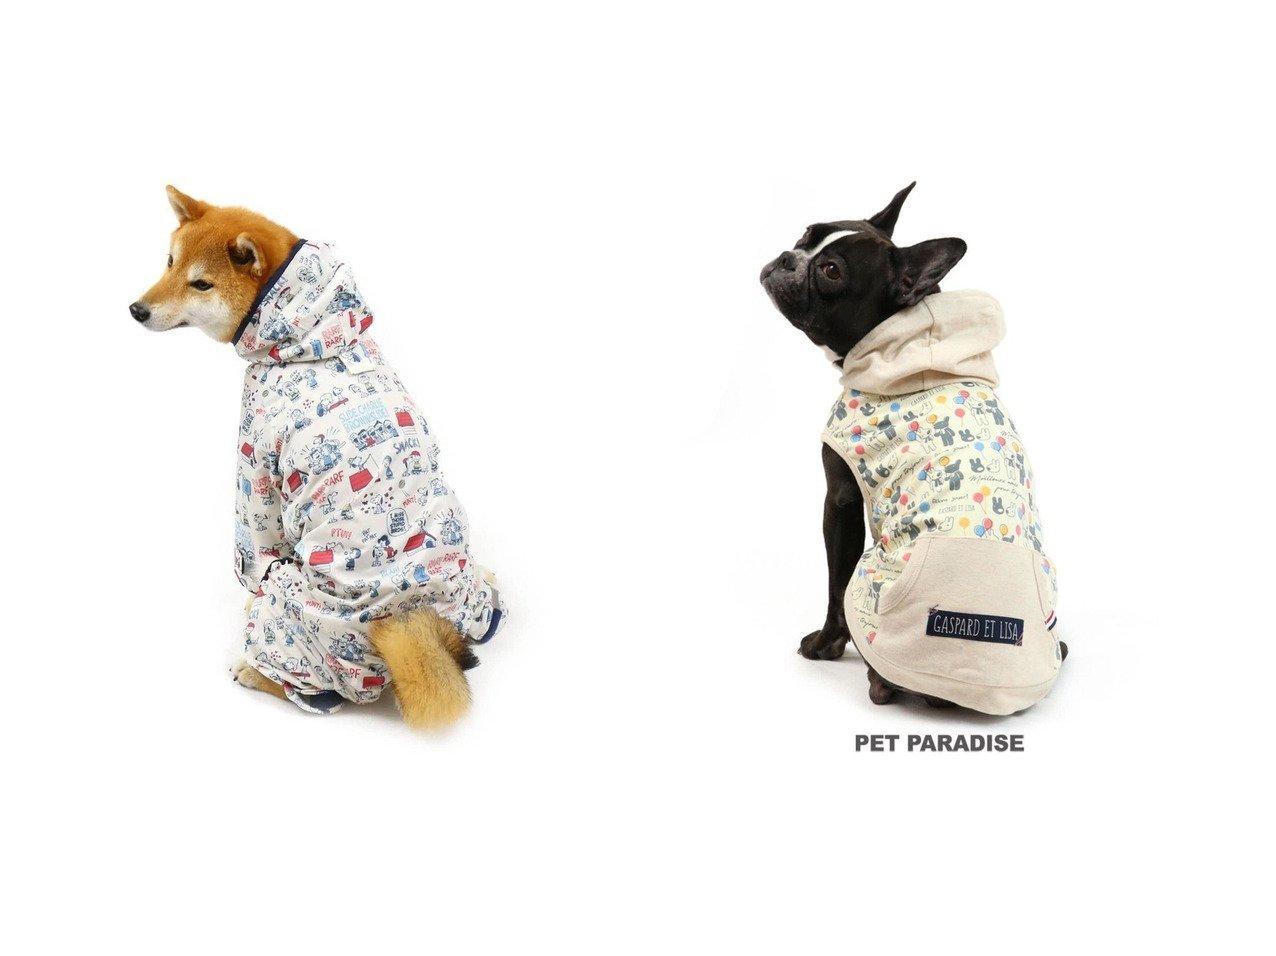 【PET PARADISE/ペットパラダイス】のスヌーピー 足付きレインコート USV柄 中・大型犬&リサとガスパール 風船柄 パーカー 〔中・大型犬〕 おすすめ!人気、ペットグッズの通販 おすすめで人気の流行・トレンド、ファッションの通販商品 メンズファッション・キッズファッション・インテリア・家具・レディースファッション・服の通販 founy(ファニー) https://founy.com/ パーカー パール 犬 Dog ホームグッズ Home/Garden ペットグッズ Pet Supplies  ID:crp329100000032786